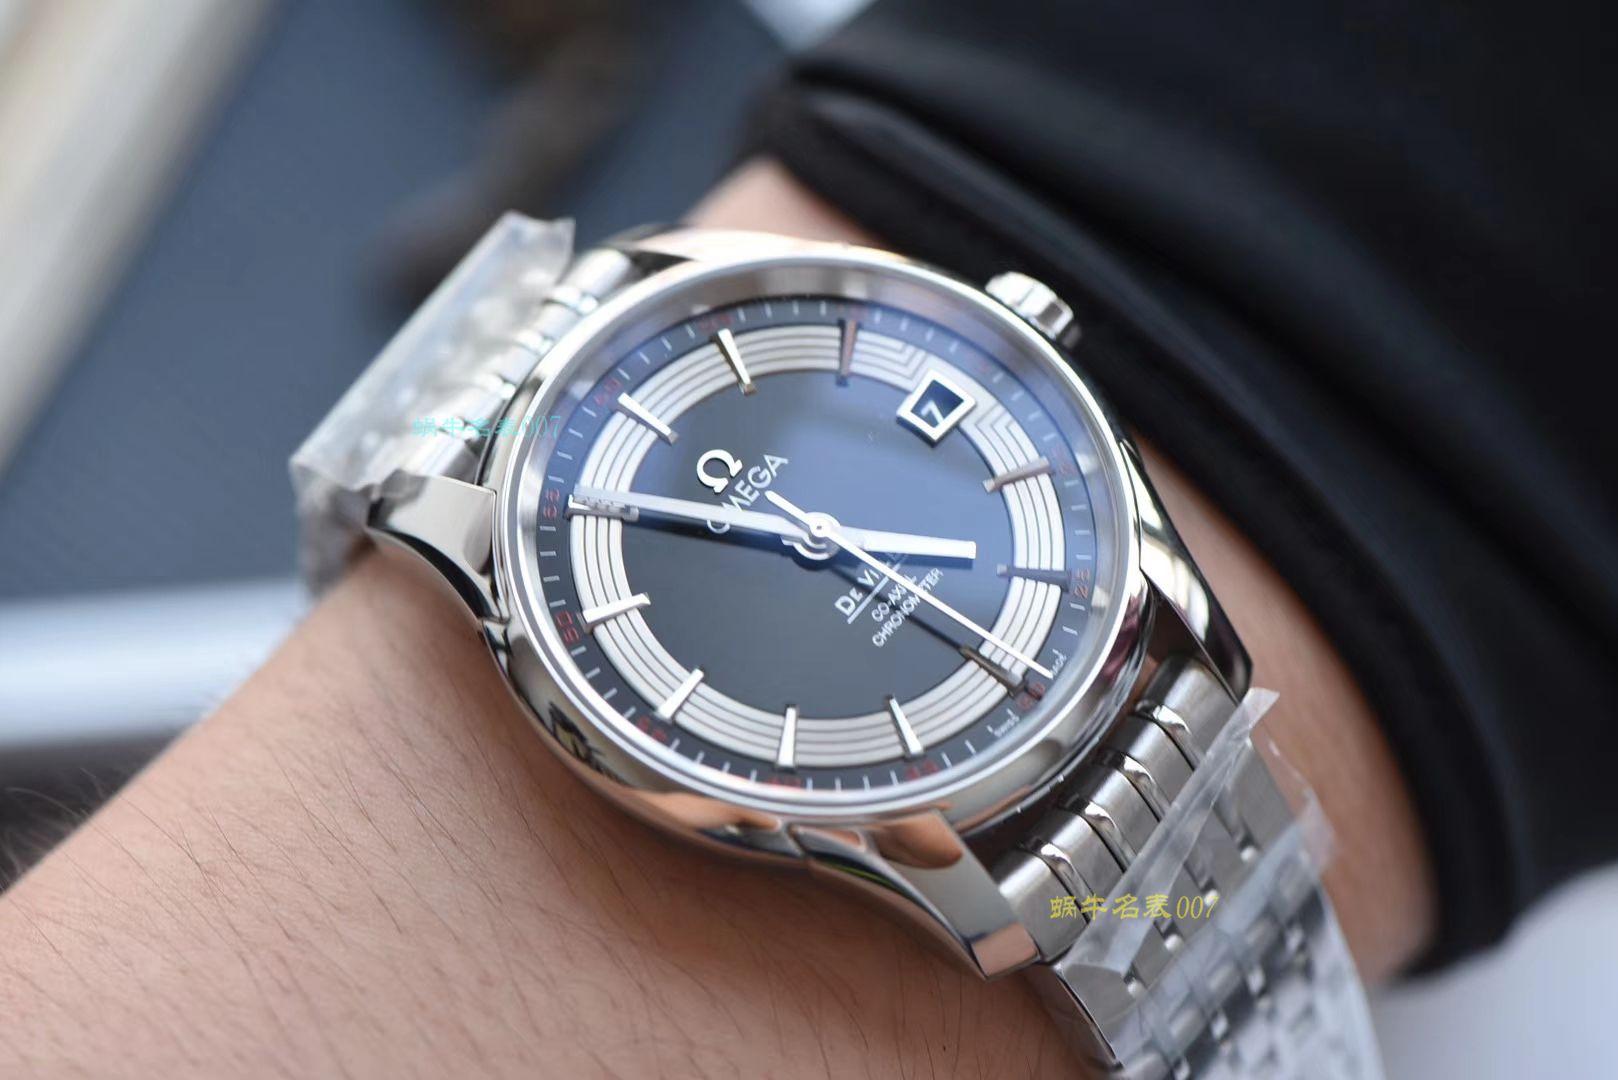 (视频评测)欧米茄碟飞系列431.33.41.21.01.001腕表【VS厂顶级复刻手表】